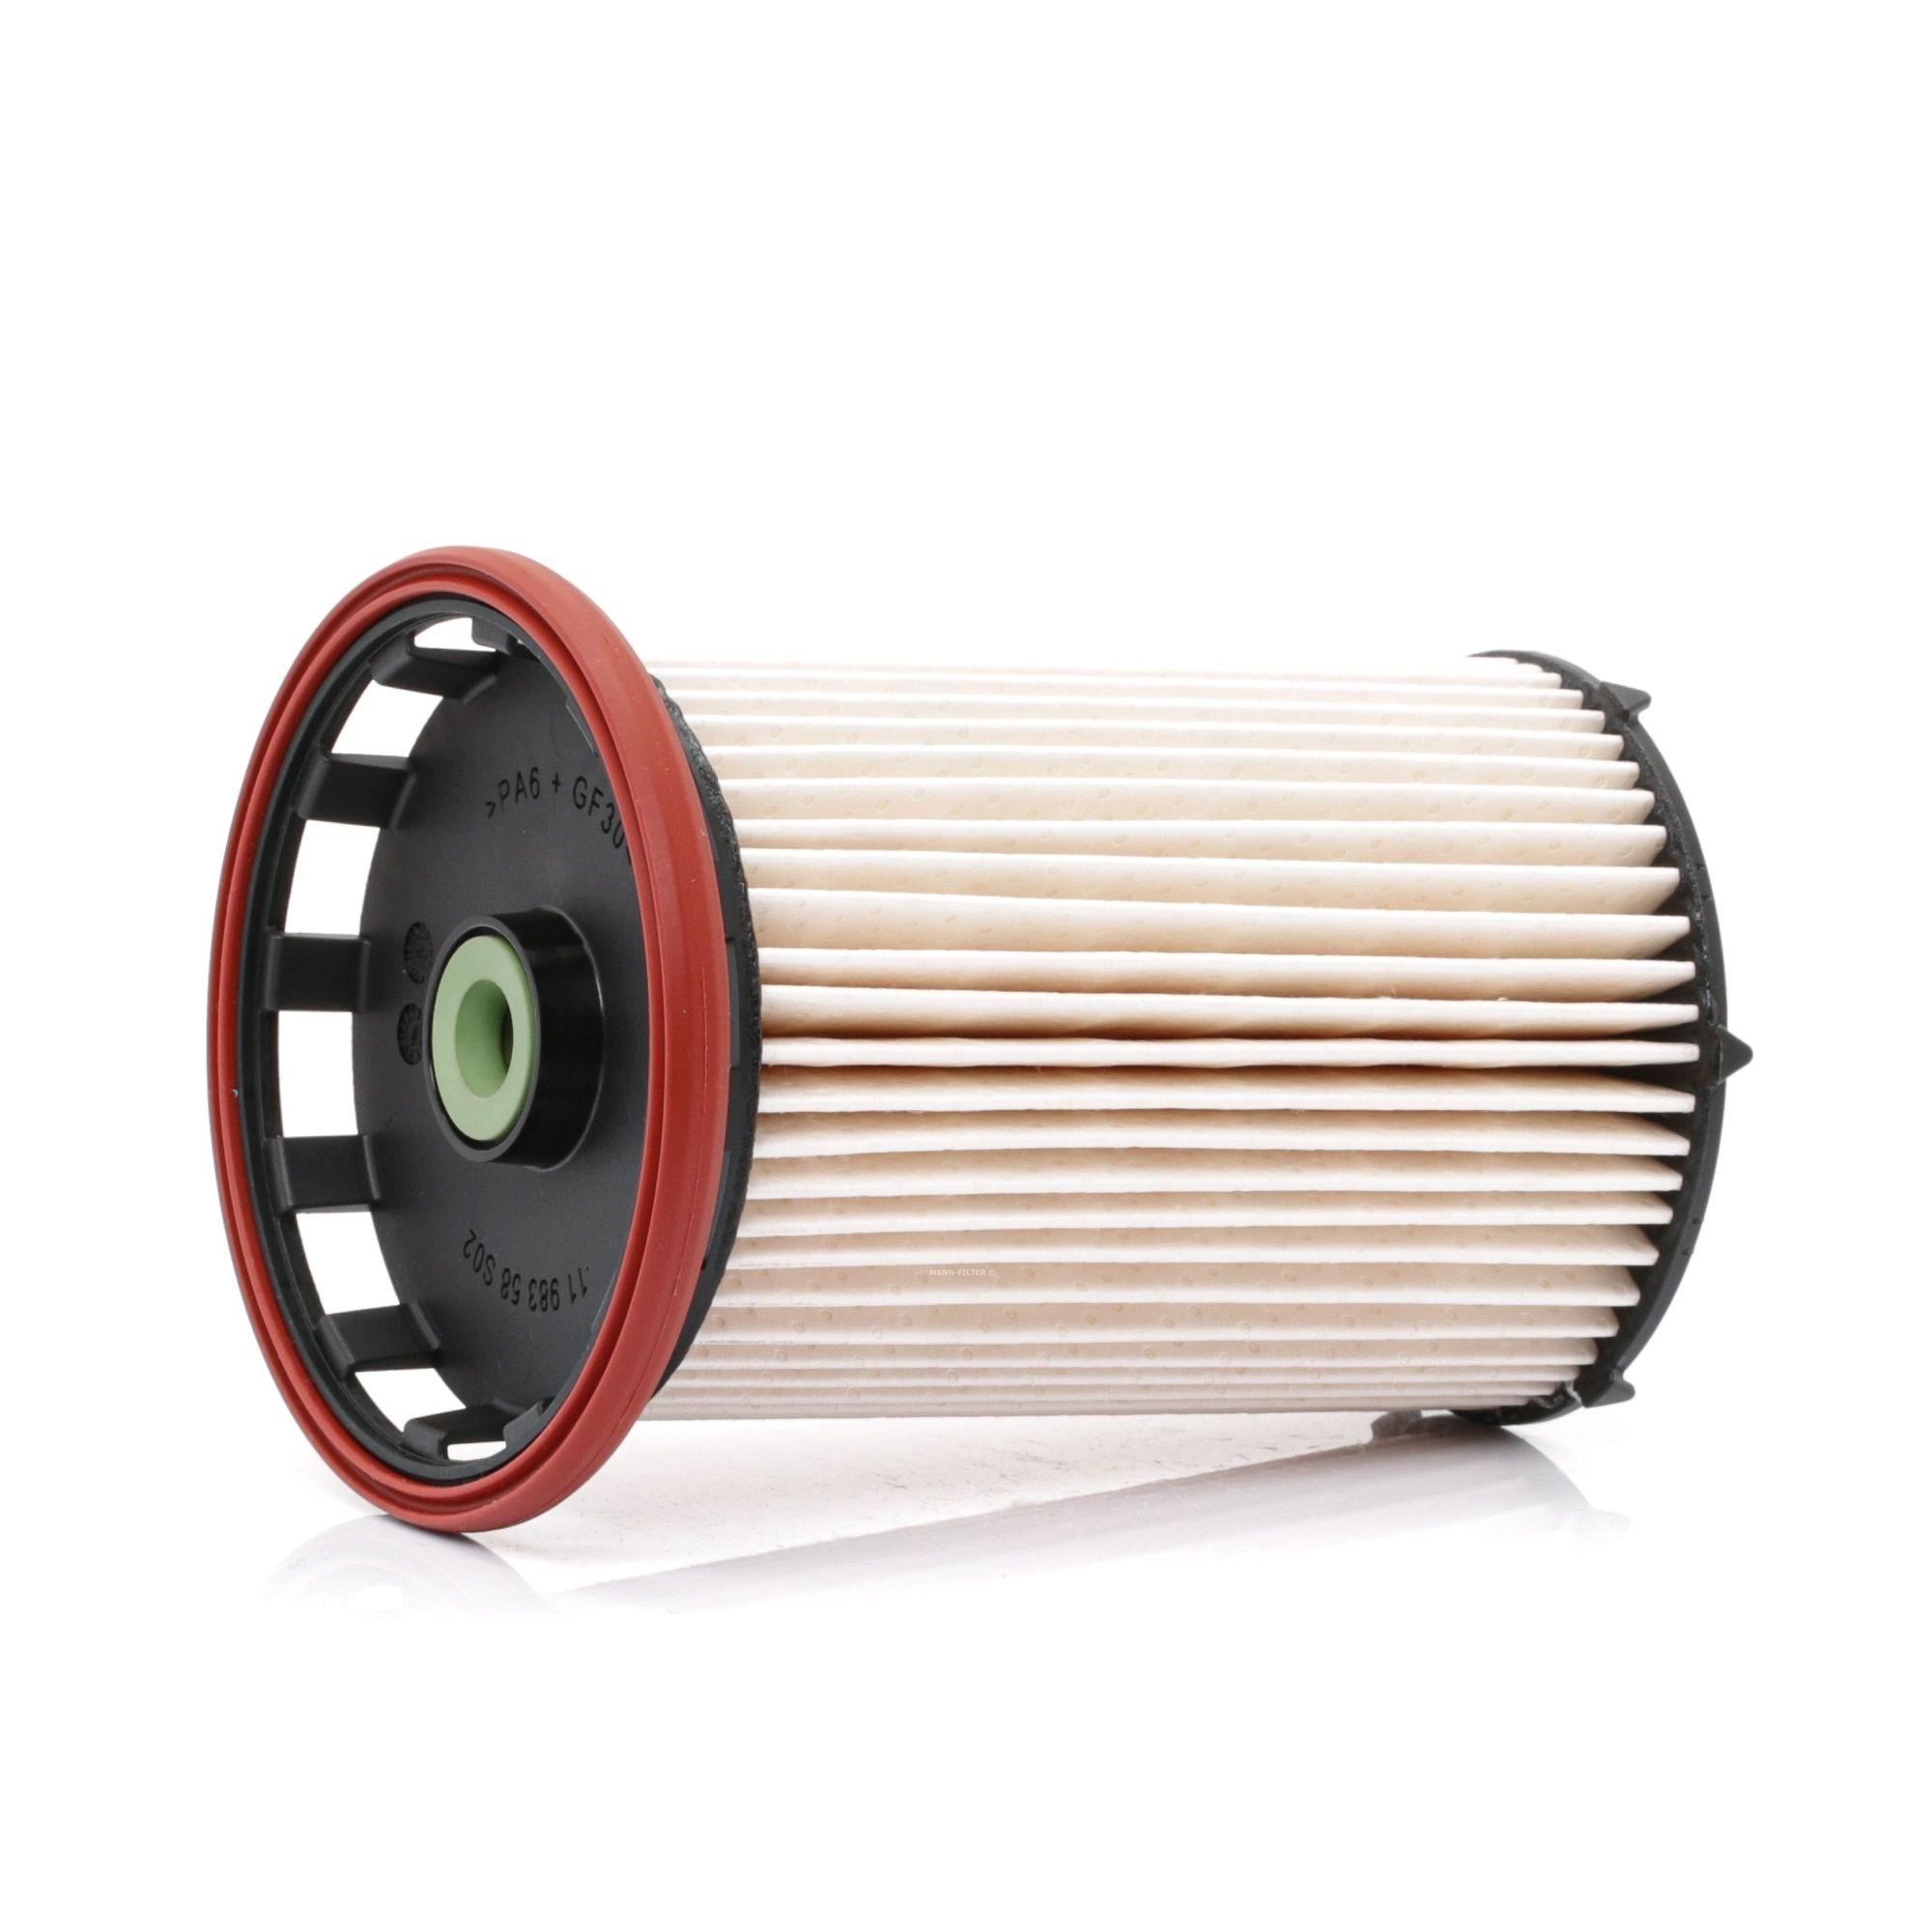 Palivový filtr PU 8007 s vynikajícím poměrem mezi cenou a MANN-FILTER kvalitou